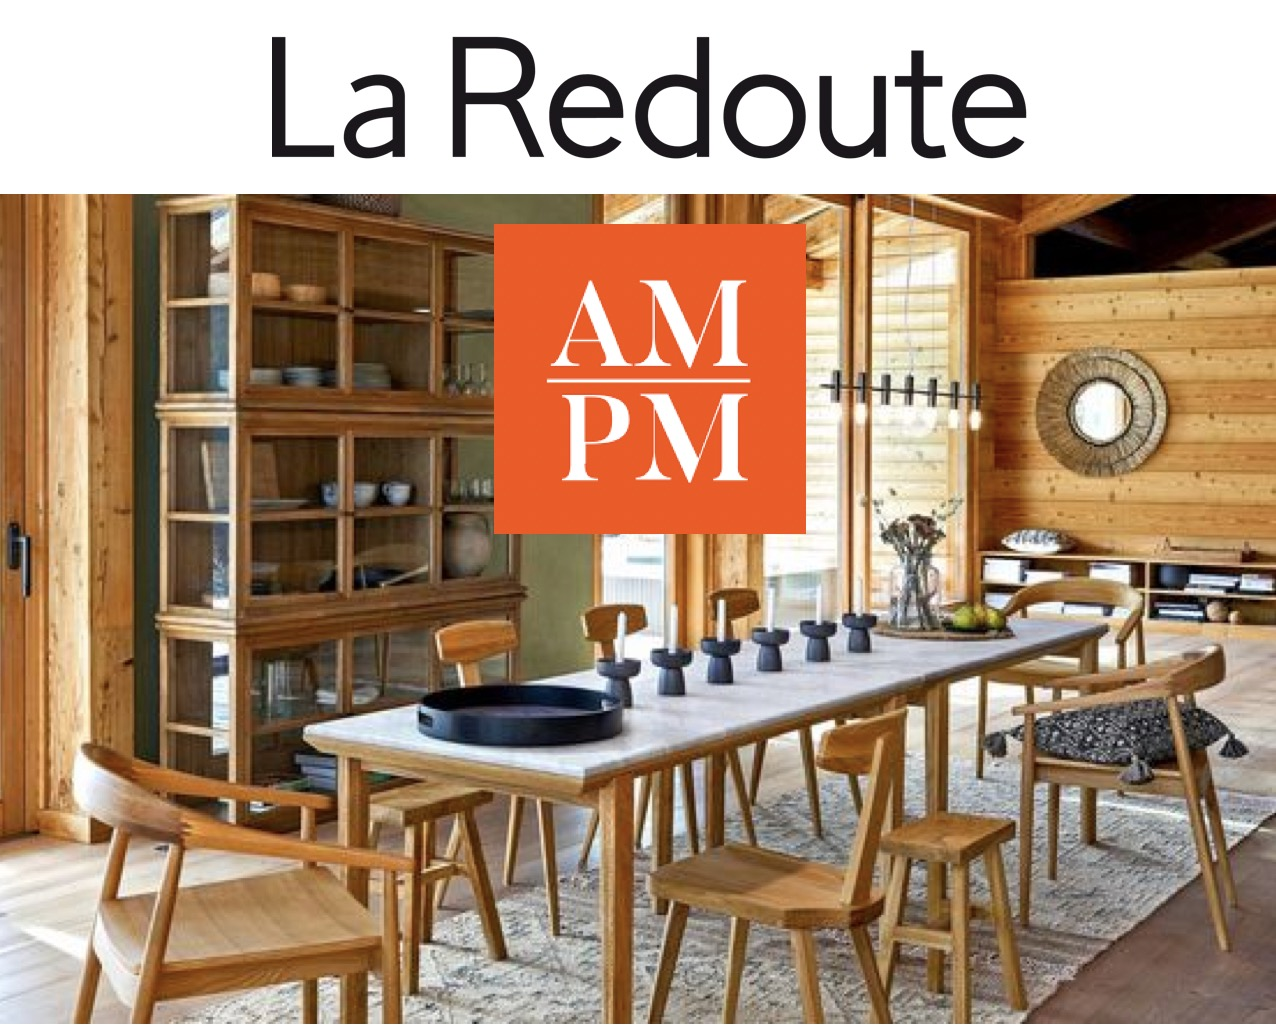 Code promo La Redoute : 25€ offerts par tranche de 100€ sur les articles de la marque AM.PM